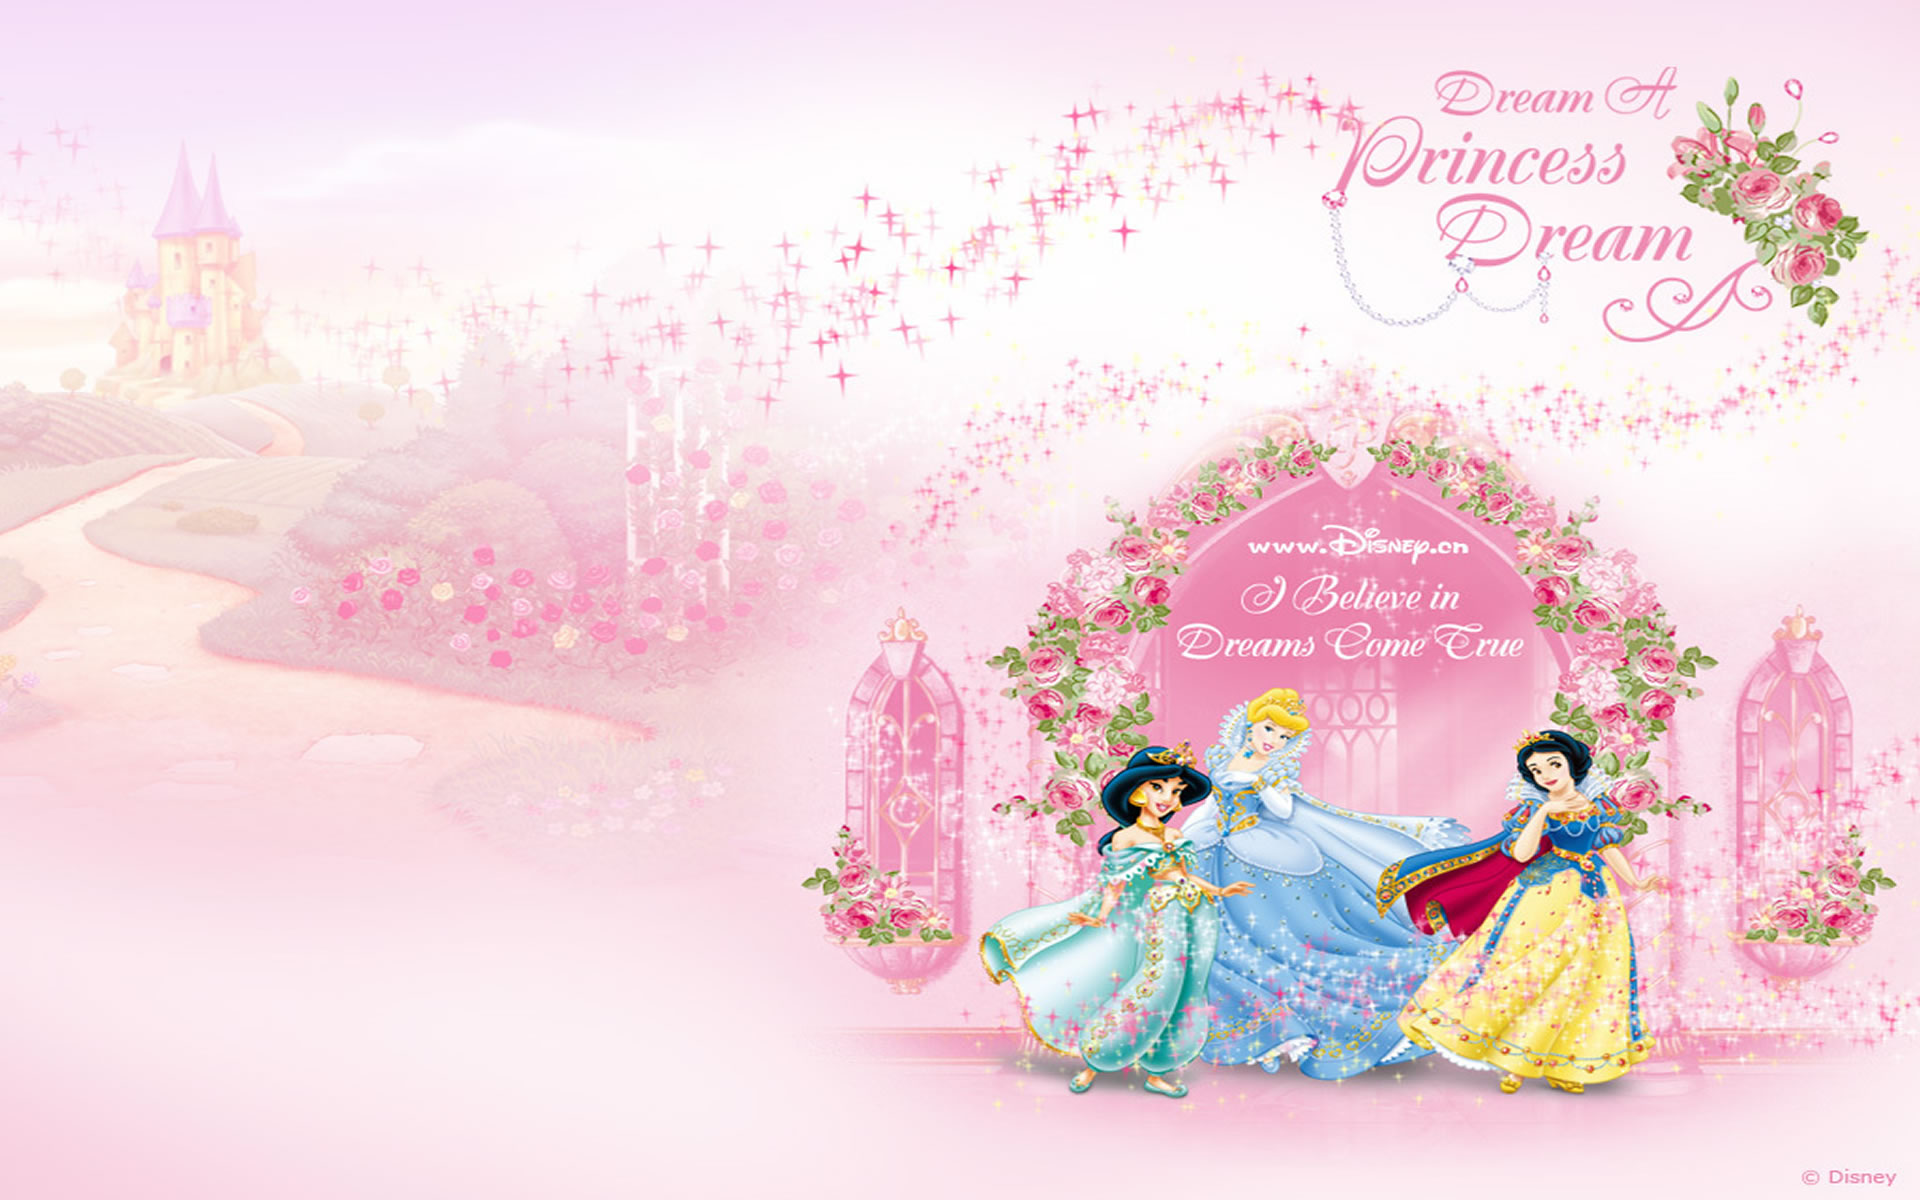 Imagenes De Baños Romanticos:Fondos De Princesas Para Ninas